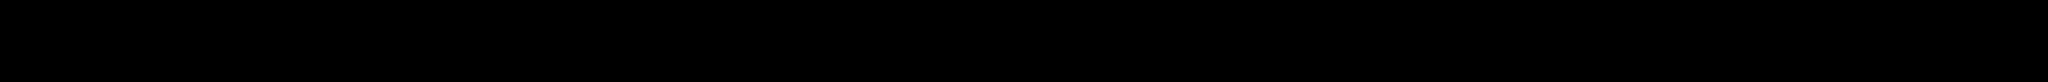 HENGST FILTER 13 72 1 477 840, 6472310000 Luftfilter